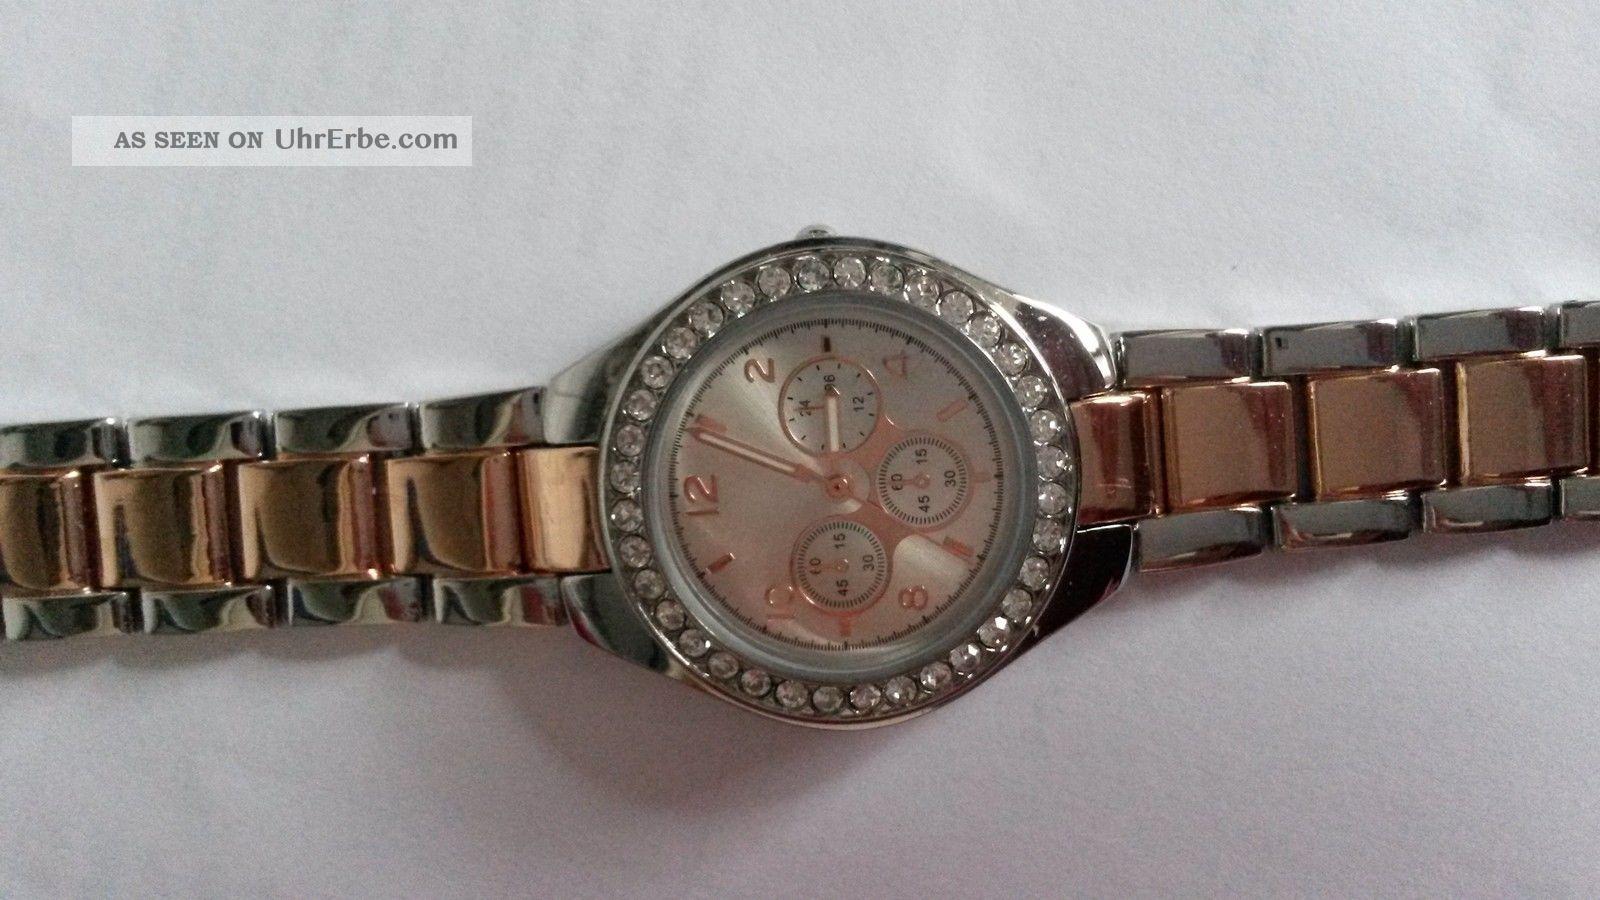 Uhr Bijou Brigitte Bicolor Silber Rosegold Strasssteine - 1 X Getragen Armbanduhren Bild